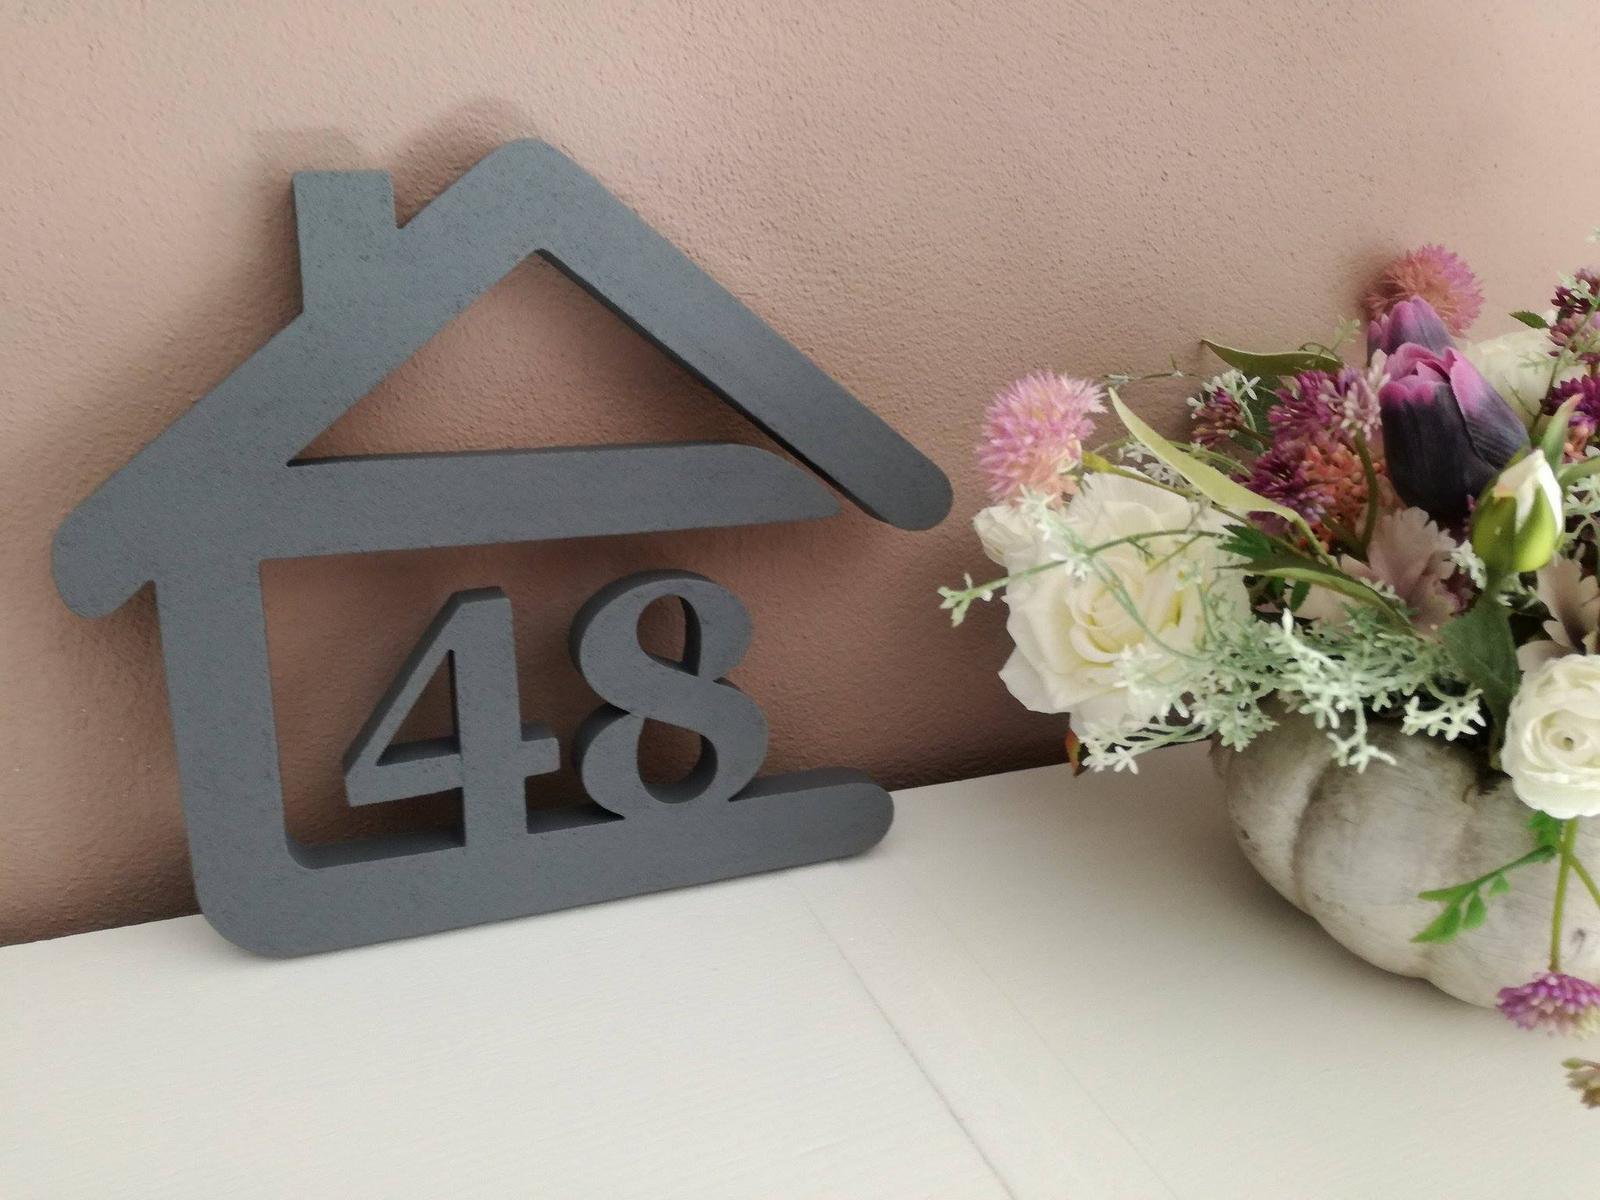 Originálne čísla na dom v domčeku - Obrázok č. 89